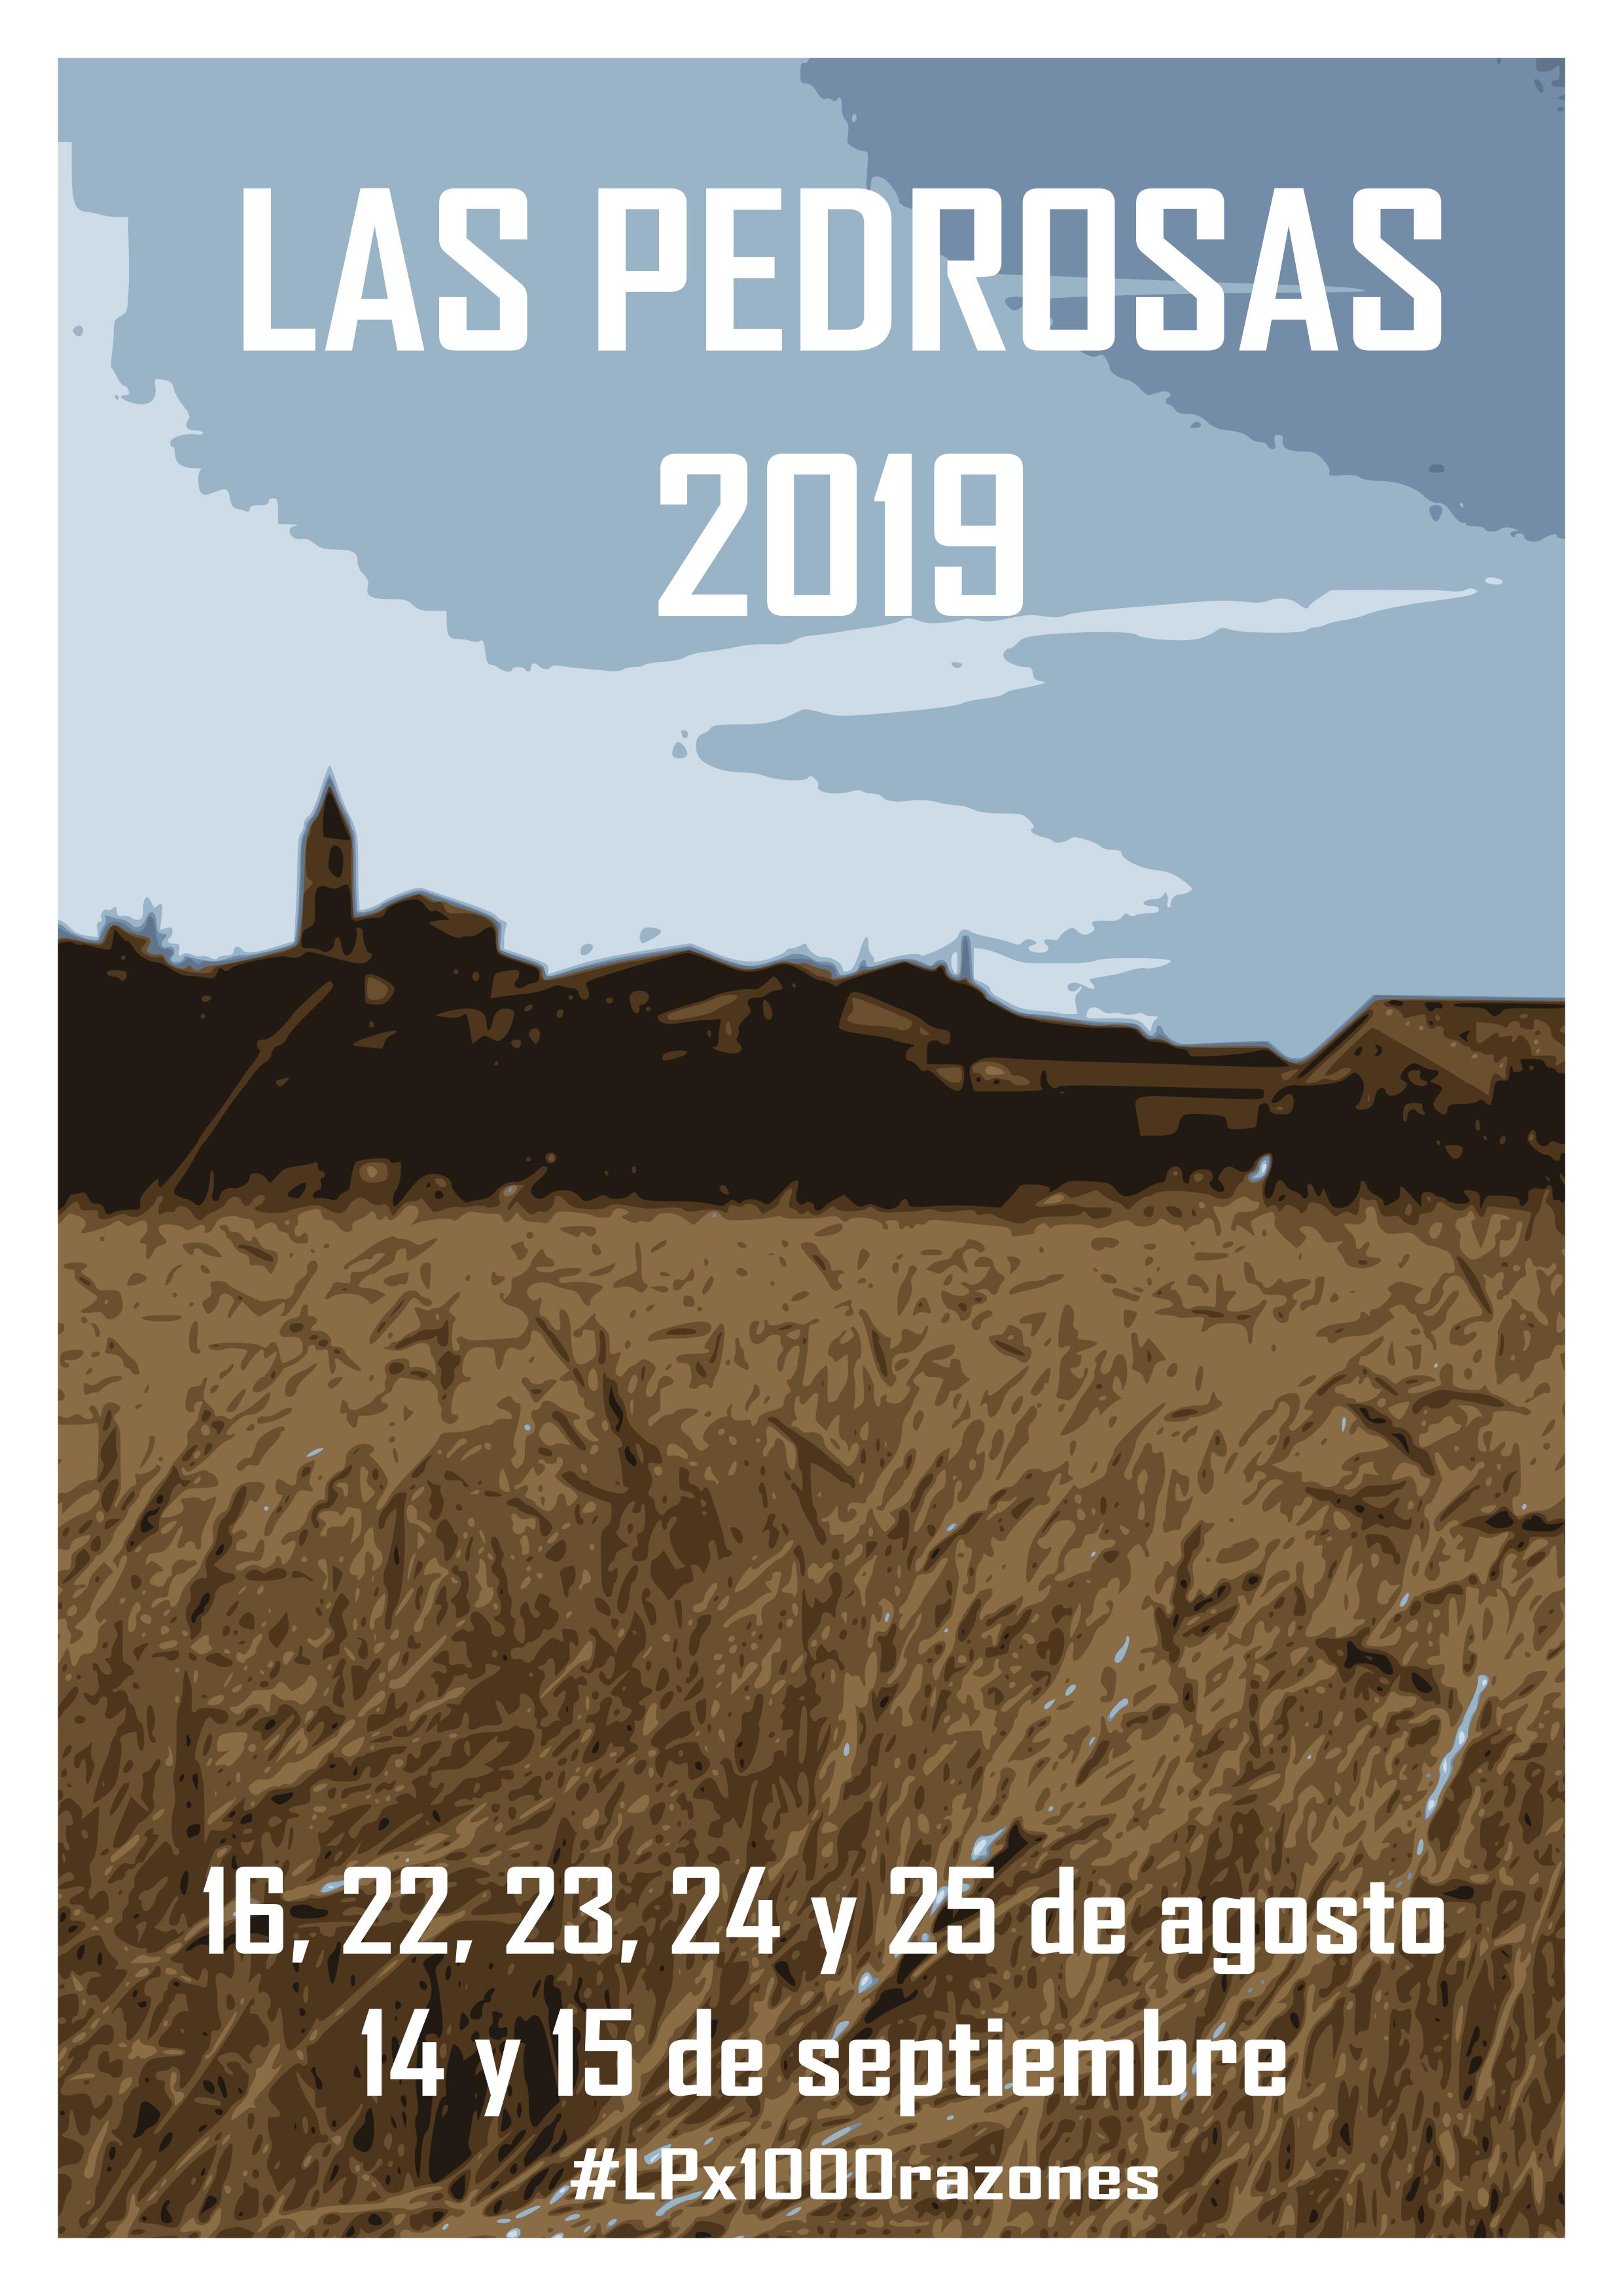 Fiestas Las Pedrosas 2019